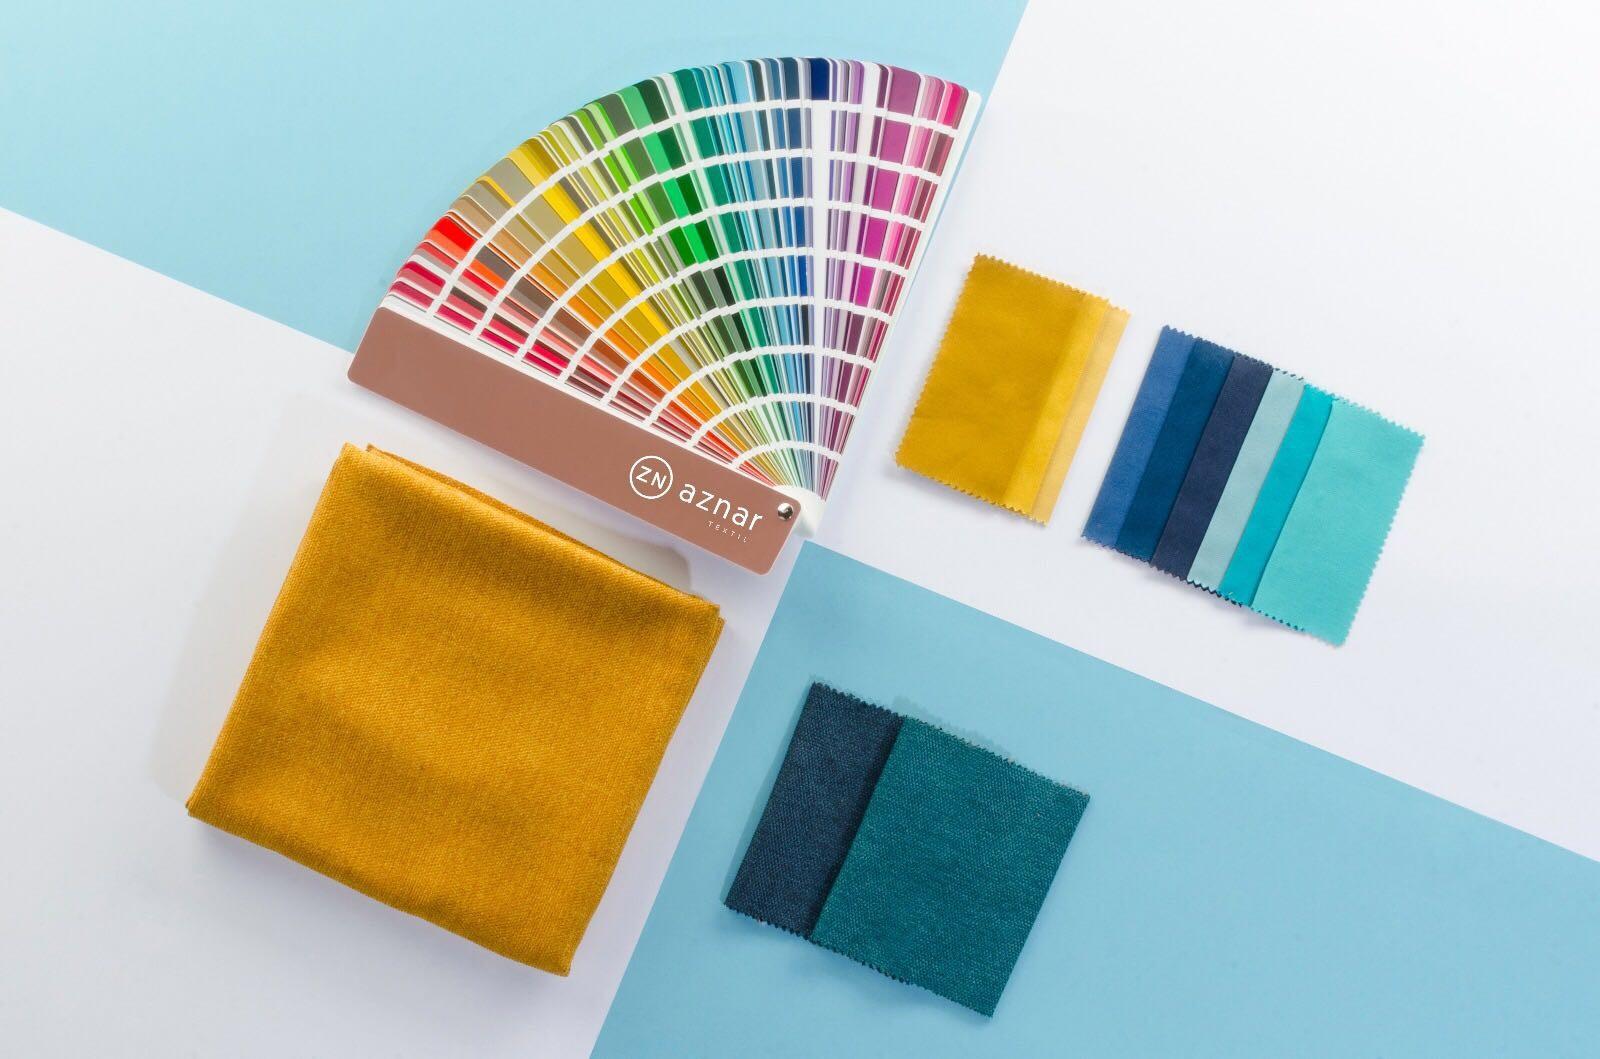 Manufacture Francaise Des Textiles D Ameublement aznar textil s.l | linkedin